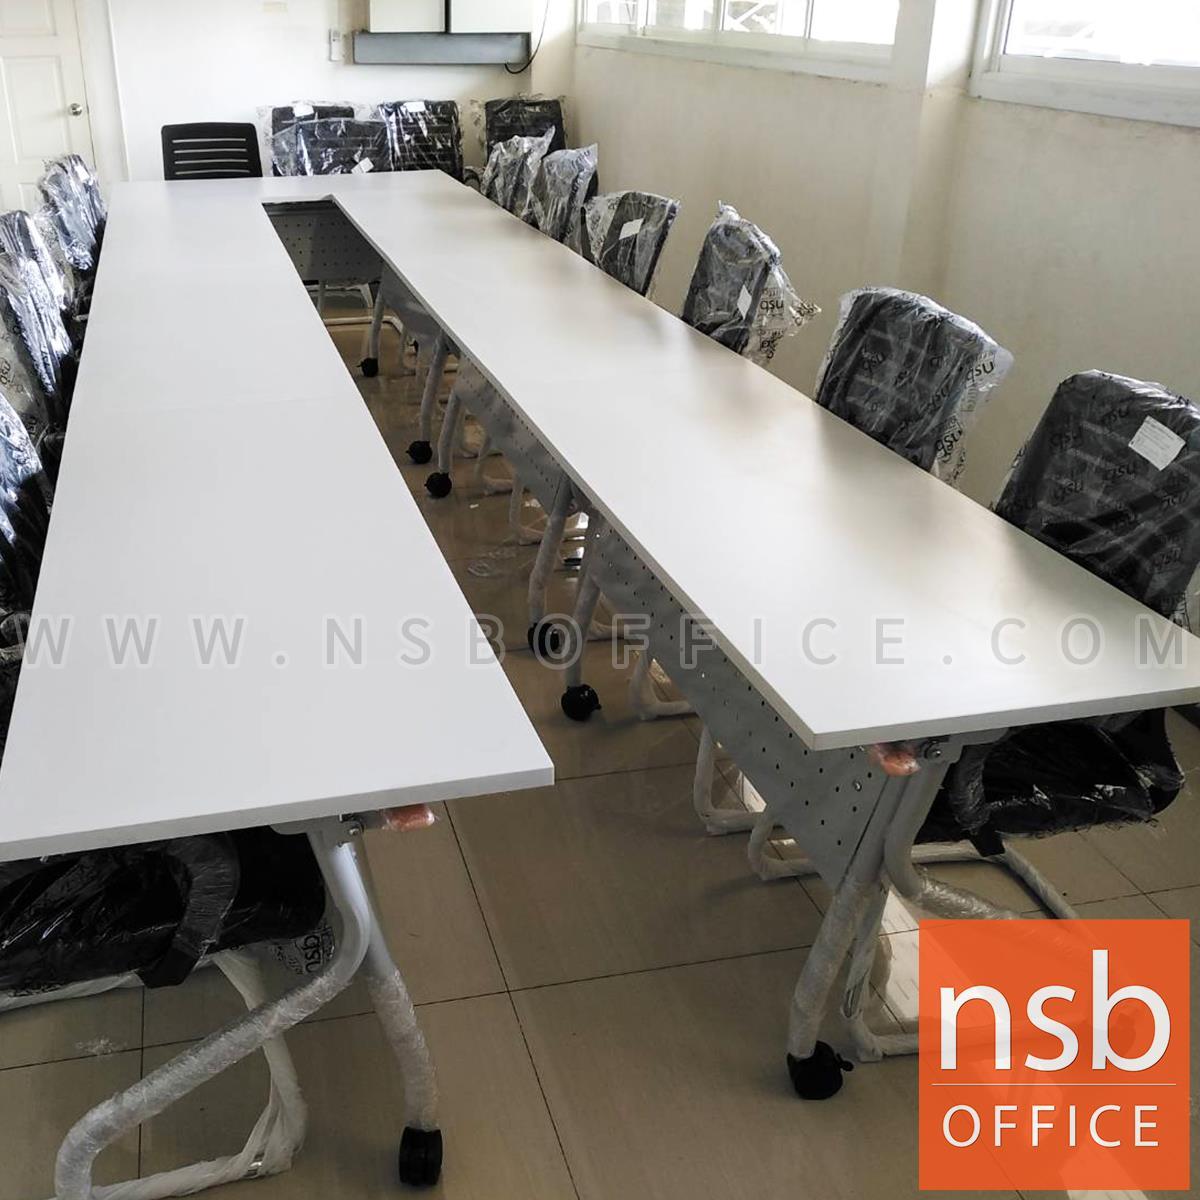 โต๊ะประชุมพับเก็บได้ล้อเลื่อน รุ่น Ribbinston (ริบบินส์ตัน) ขนาด 120W ,150W ,180W cm.  โครงขาเหล็ก ลูกล้อใหญ่พิเศษ